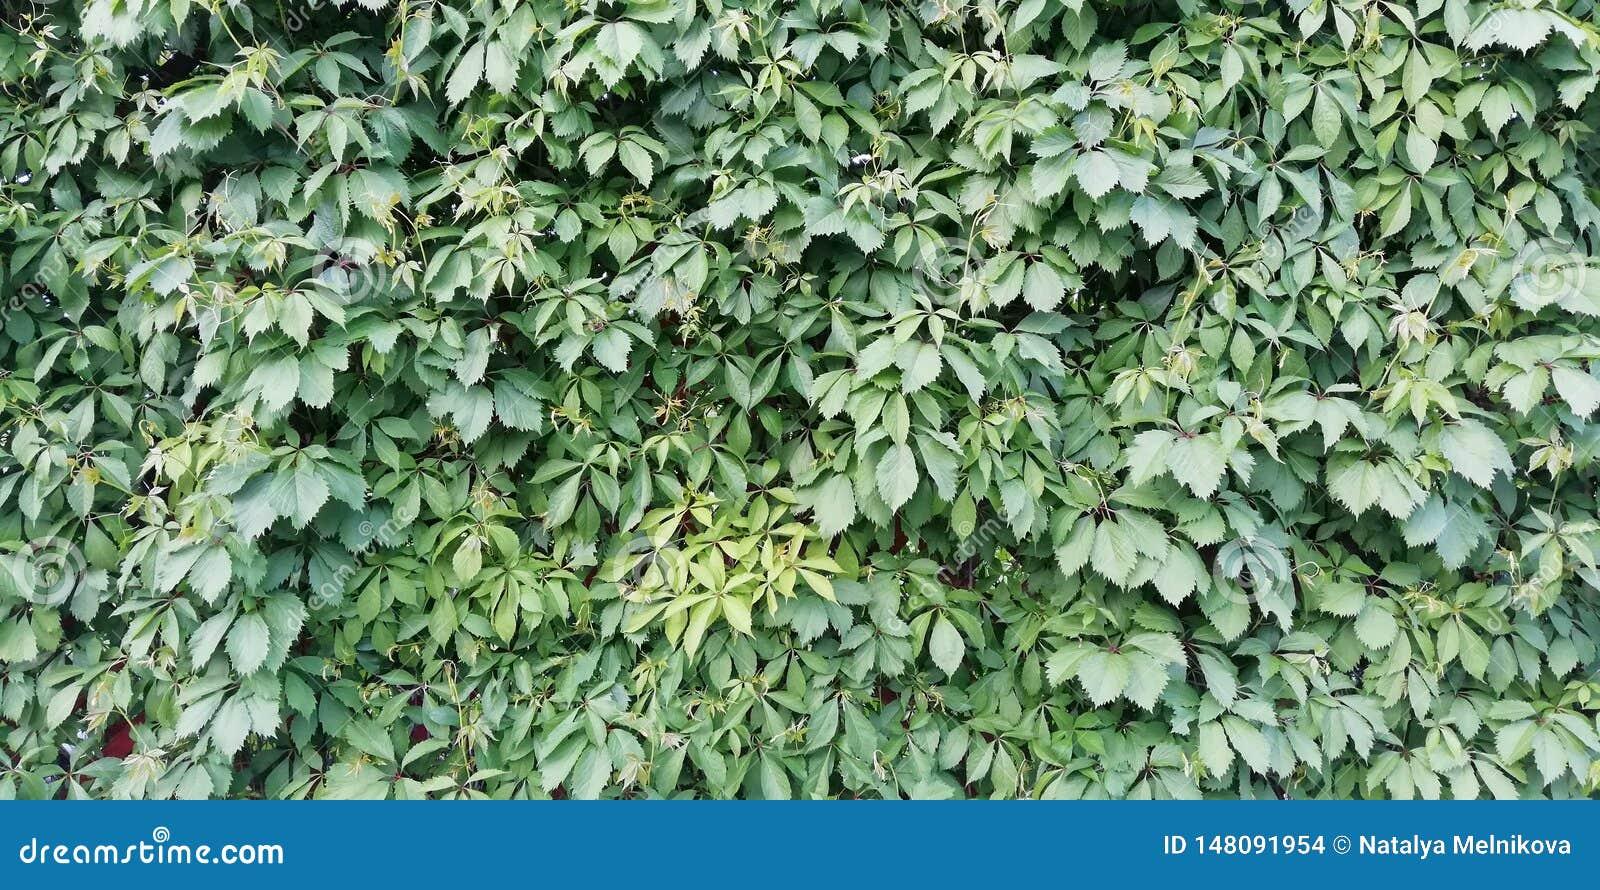 明亮的夏天花卉背景 装饰少女葡萄绿色叶子墙壁